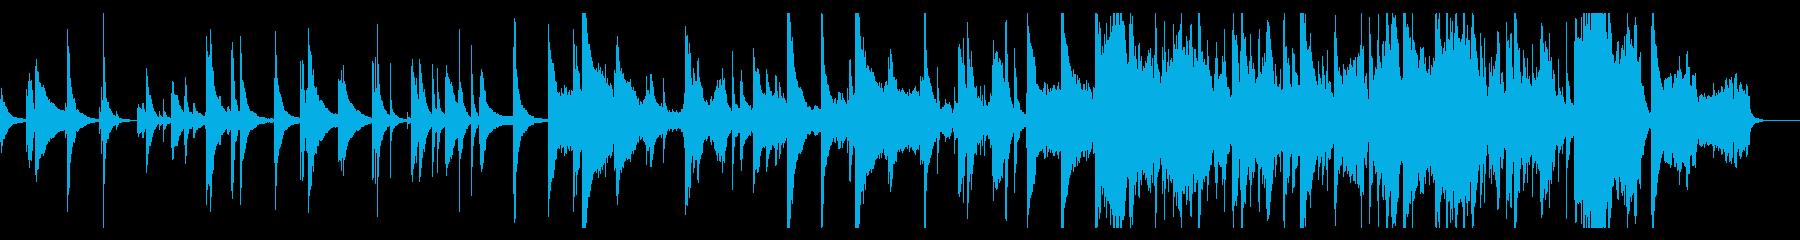 静かなピアノ バイオリン 切ない朝 感動の再生済みの波形